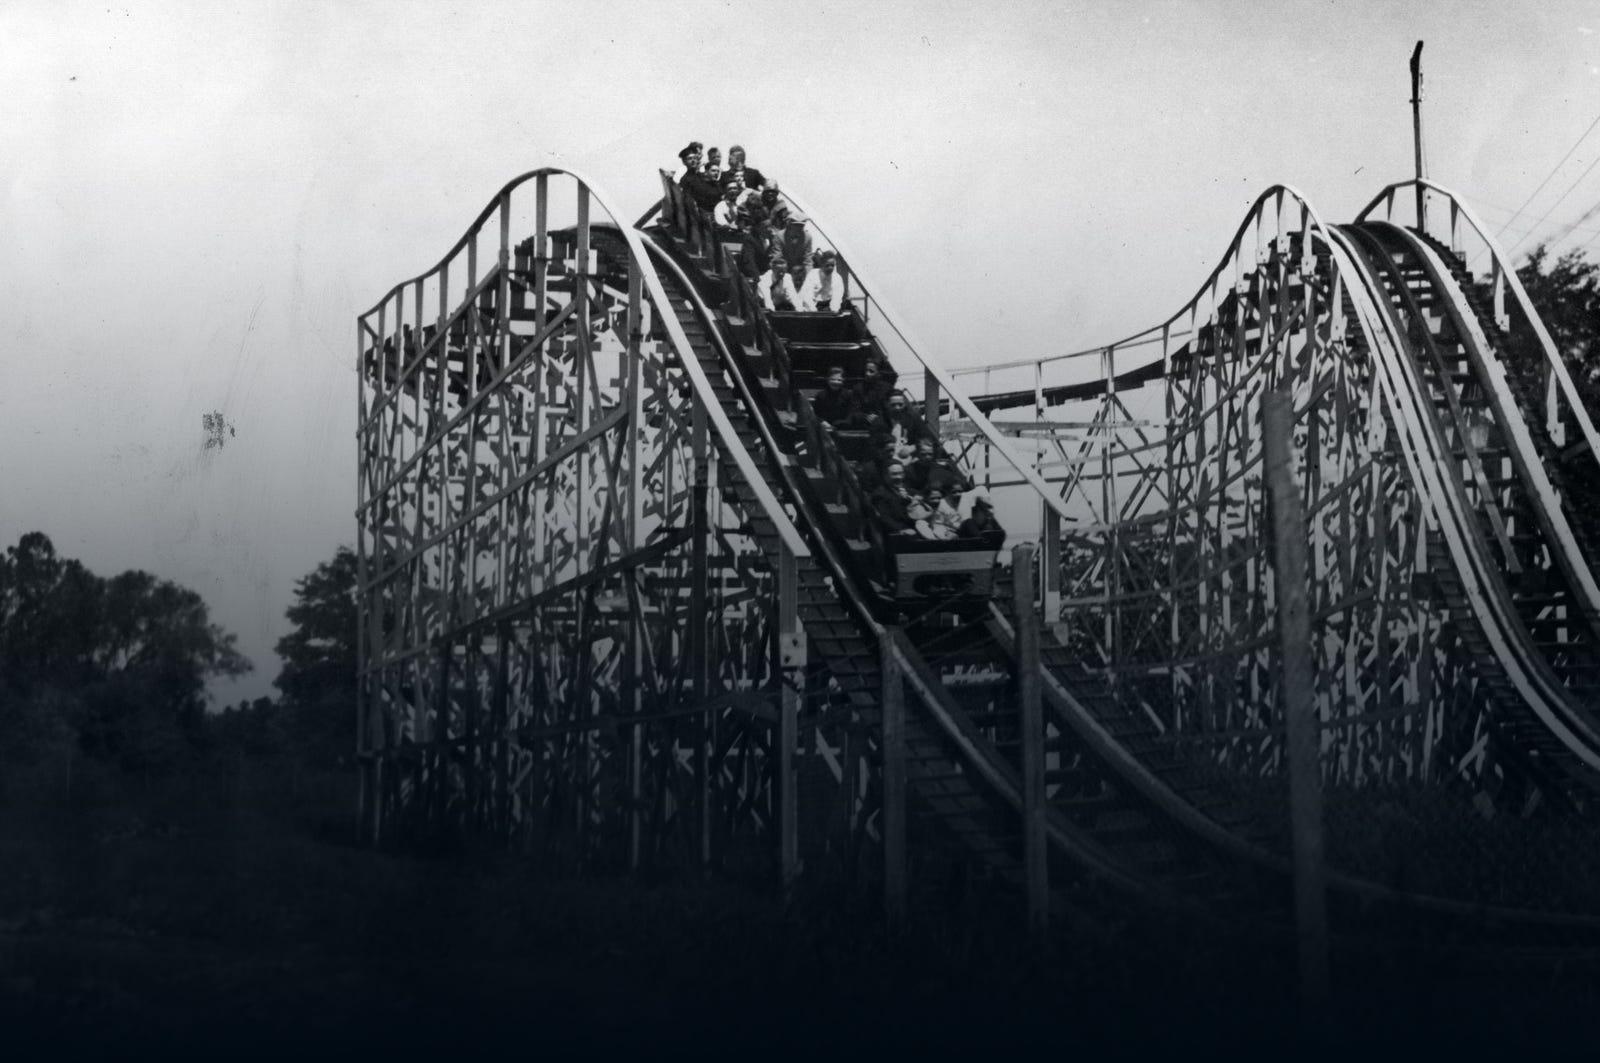 https://www.gannett-cdn.com/indepth-static-assets/uploads/master/3017837001/21f92388-7c0d-4da1-8618-4a20368652cf-rollercoaster.jpeg